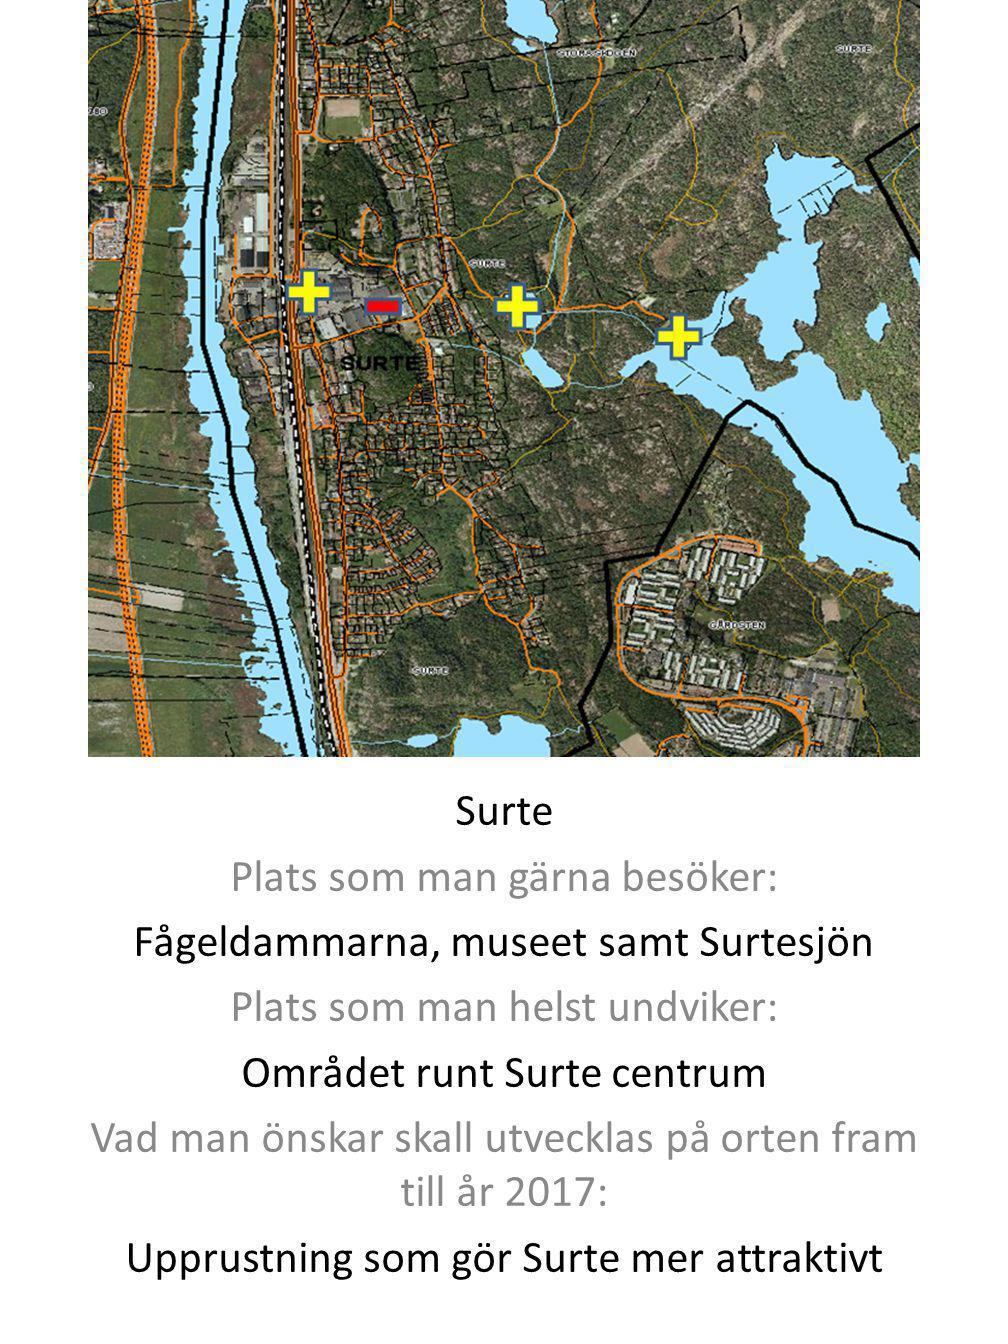 Plats som man gärna besöker: Fågeldammarna, museet samt Surtesjön